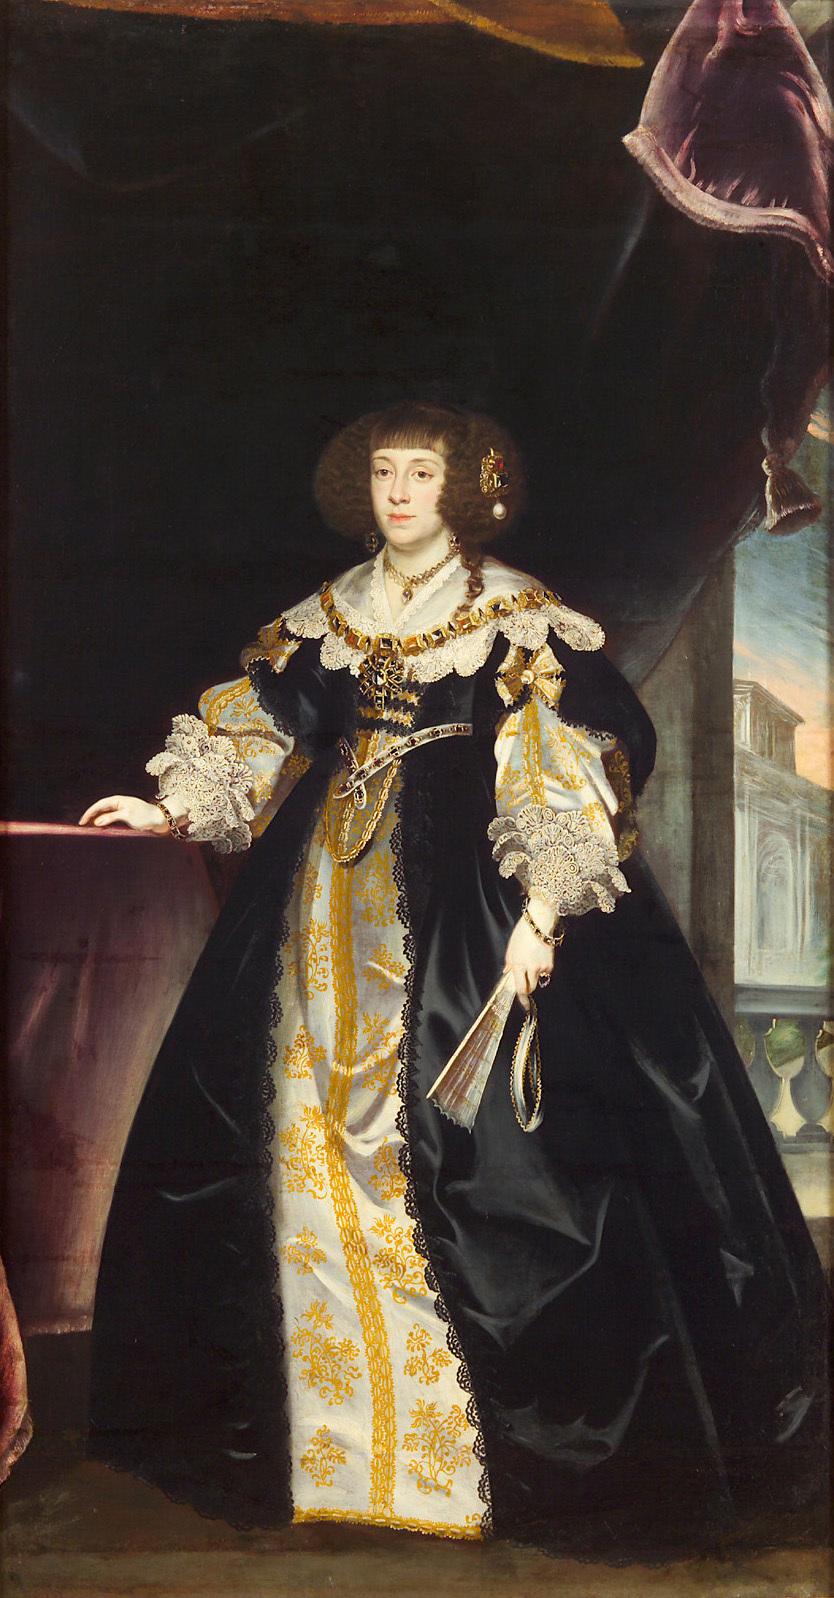 Erzherzogin Cäcilia Renata (1611-1644), Königin von Polen